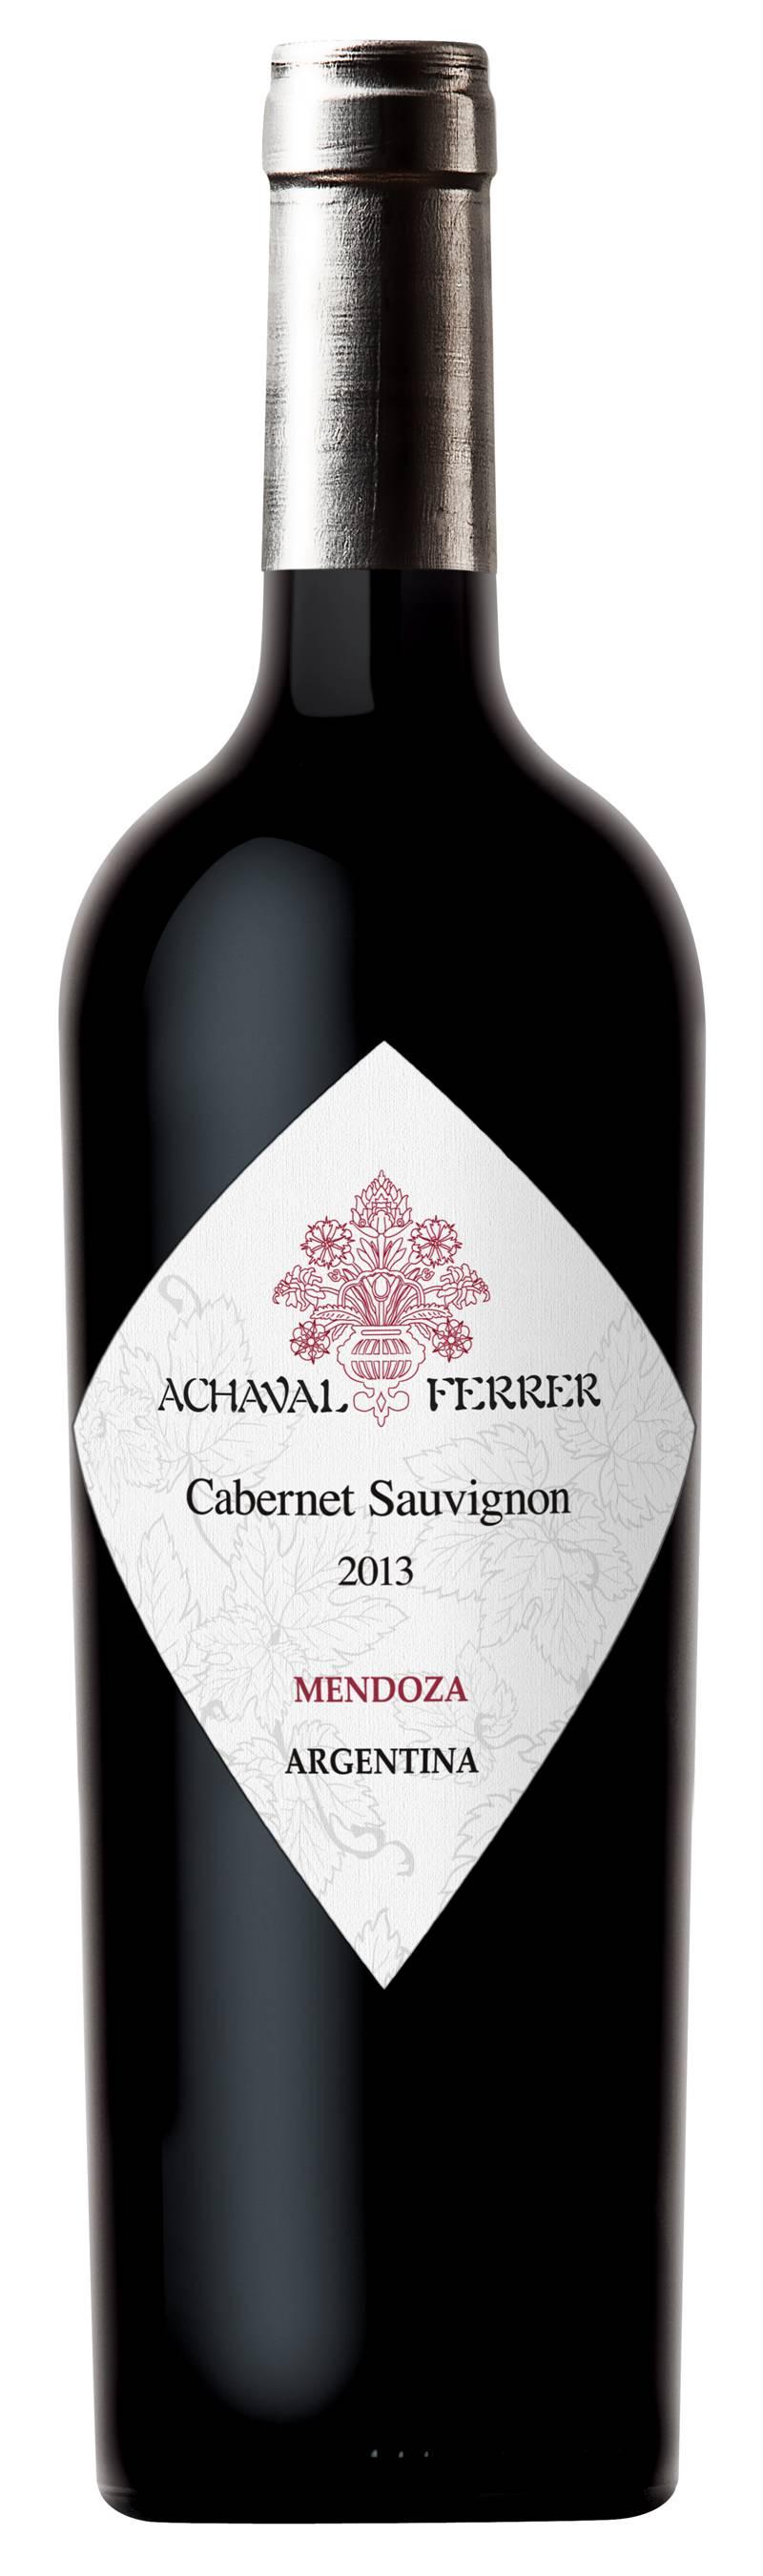 2013 Achaval Ferrer Cabernet Sauvignon Mendoza